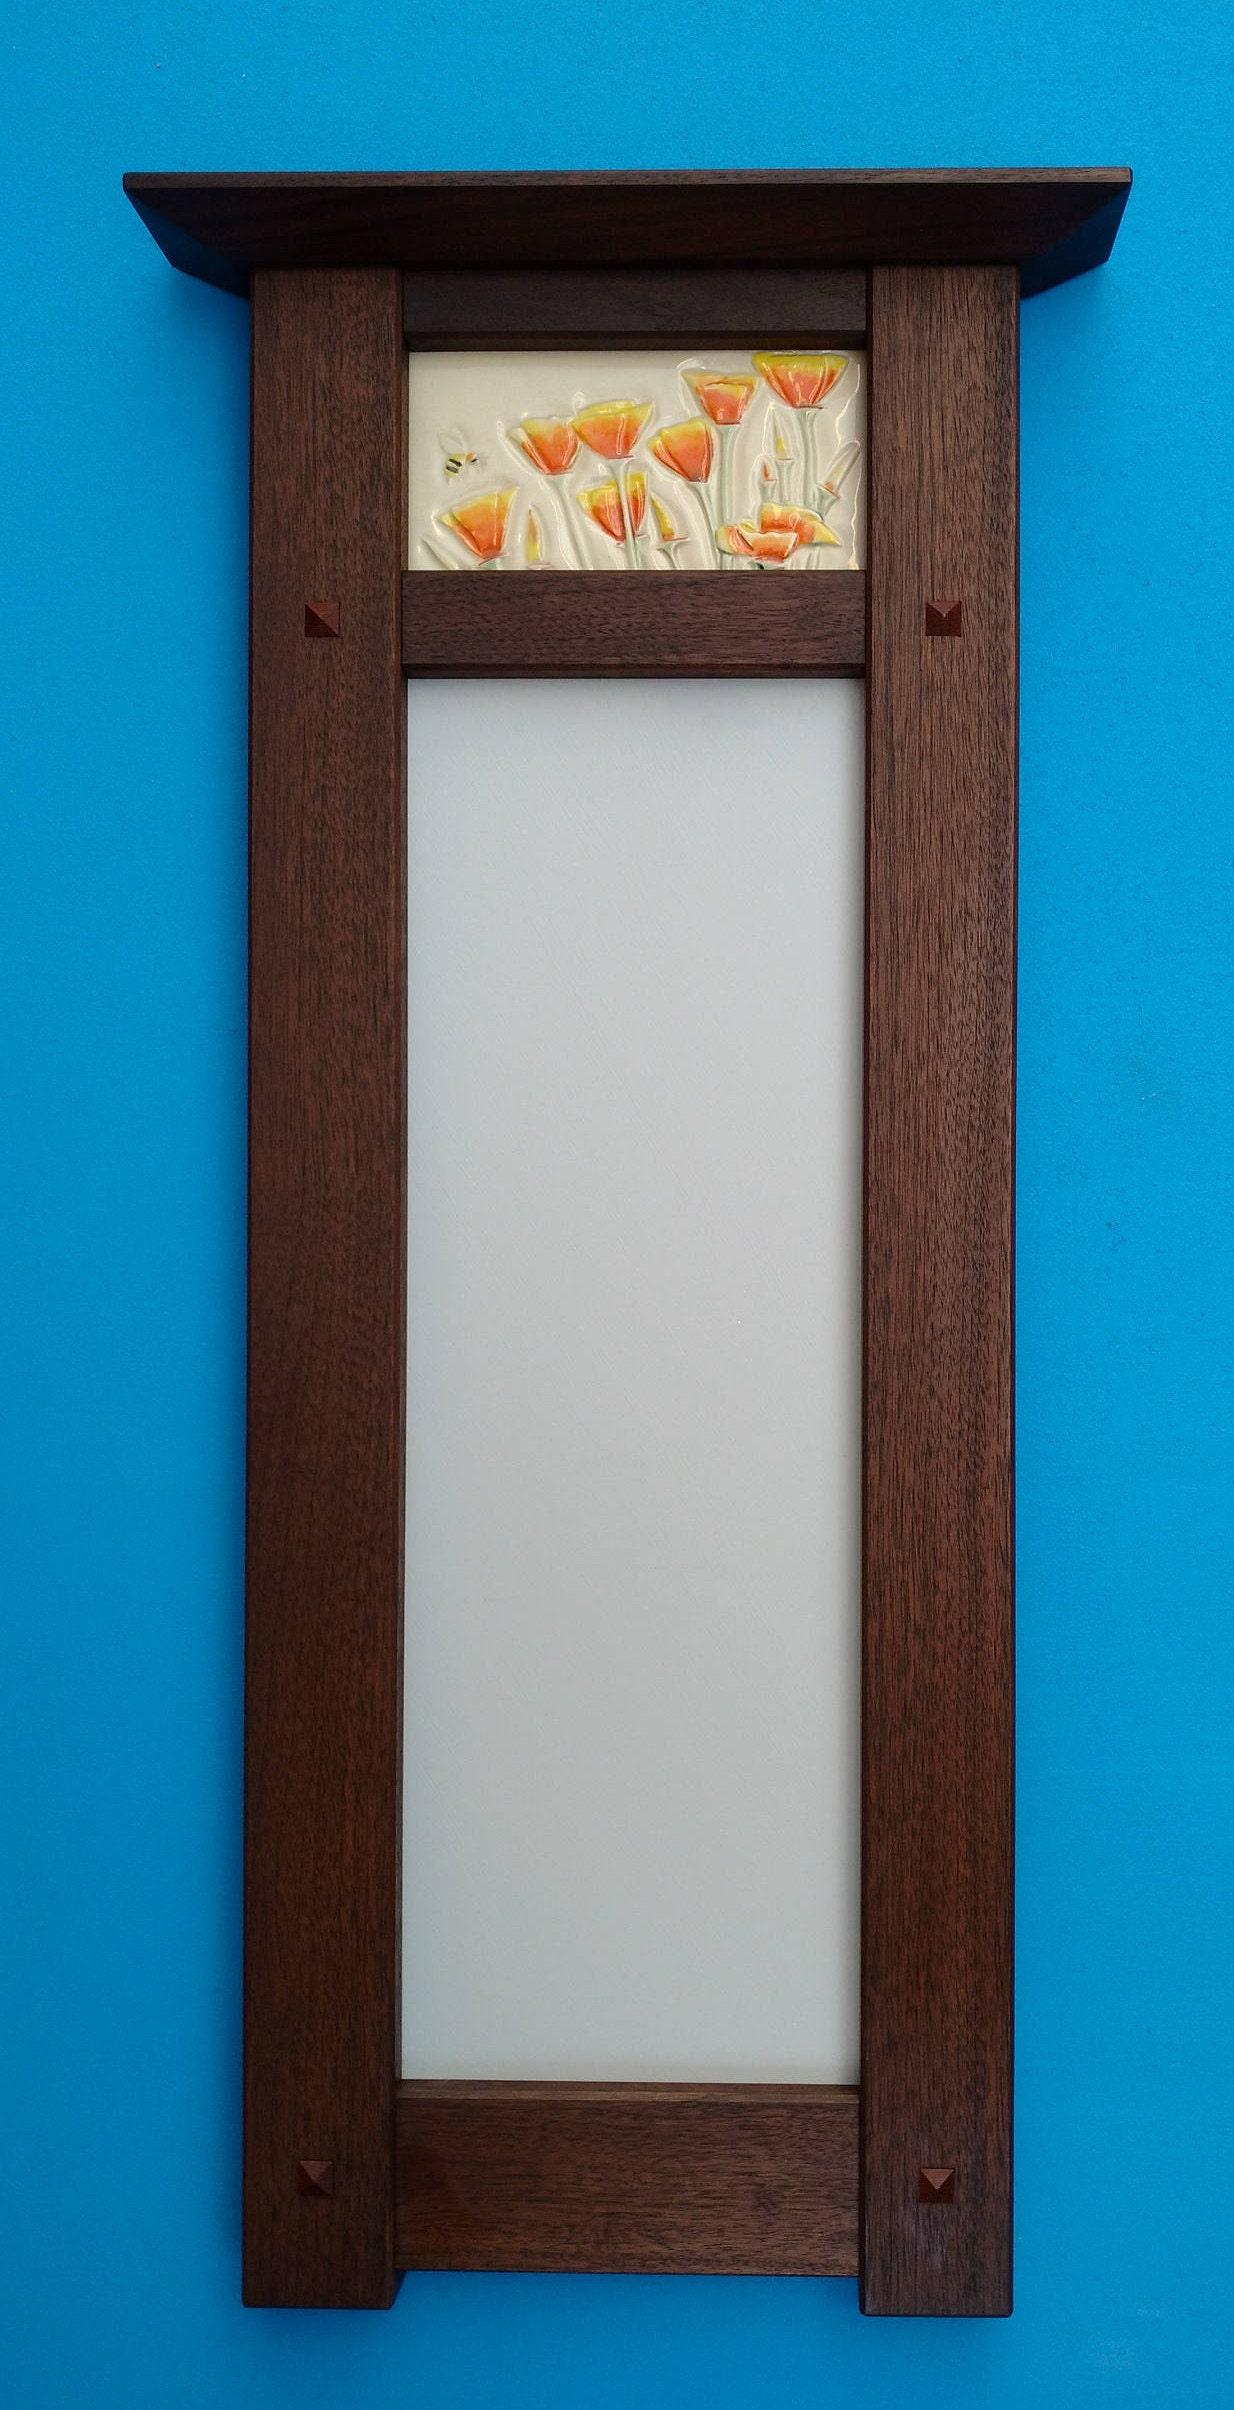 Decorative Mirror California Poppy | Etsy - photo#33